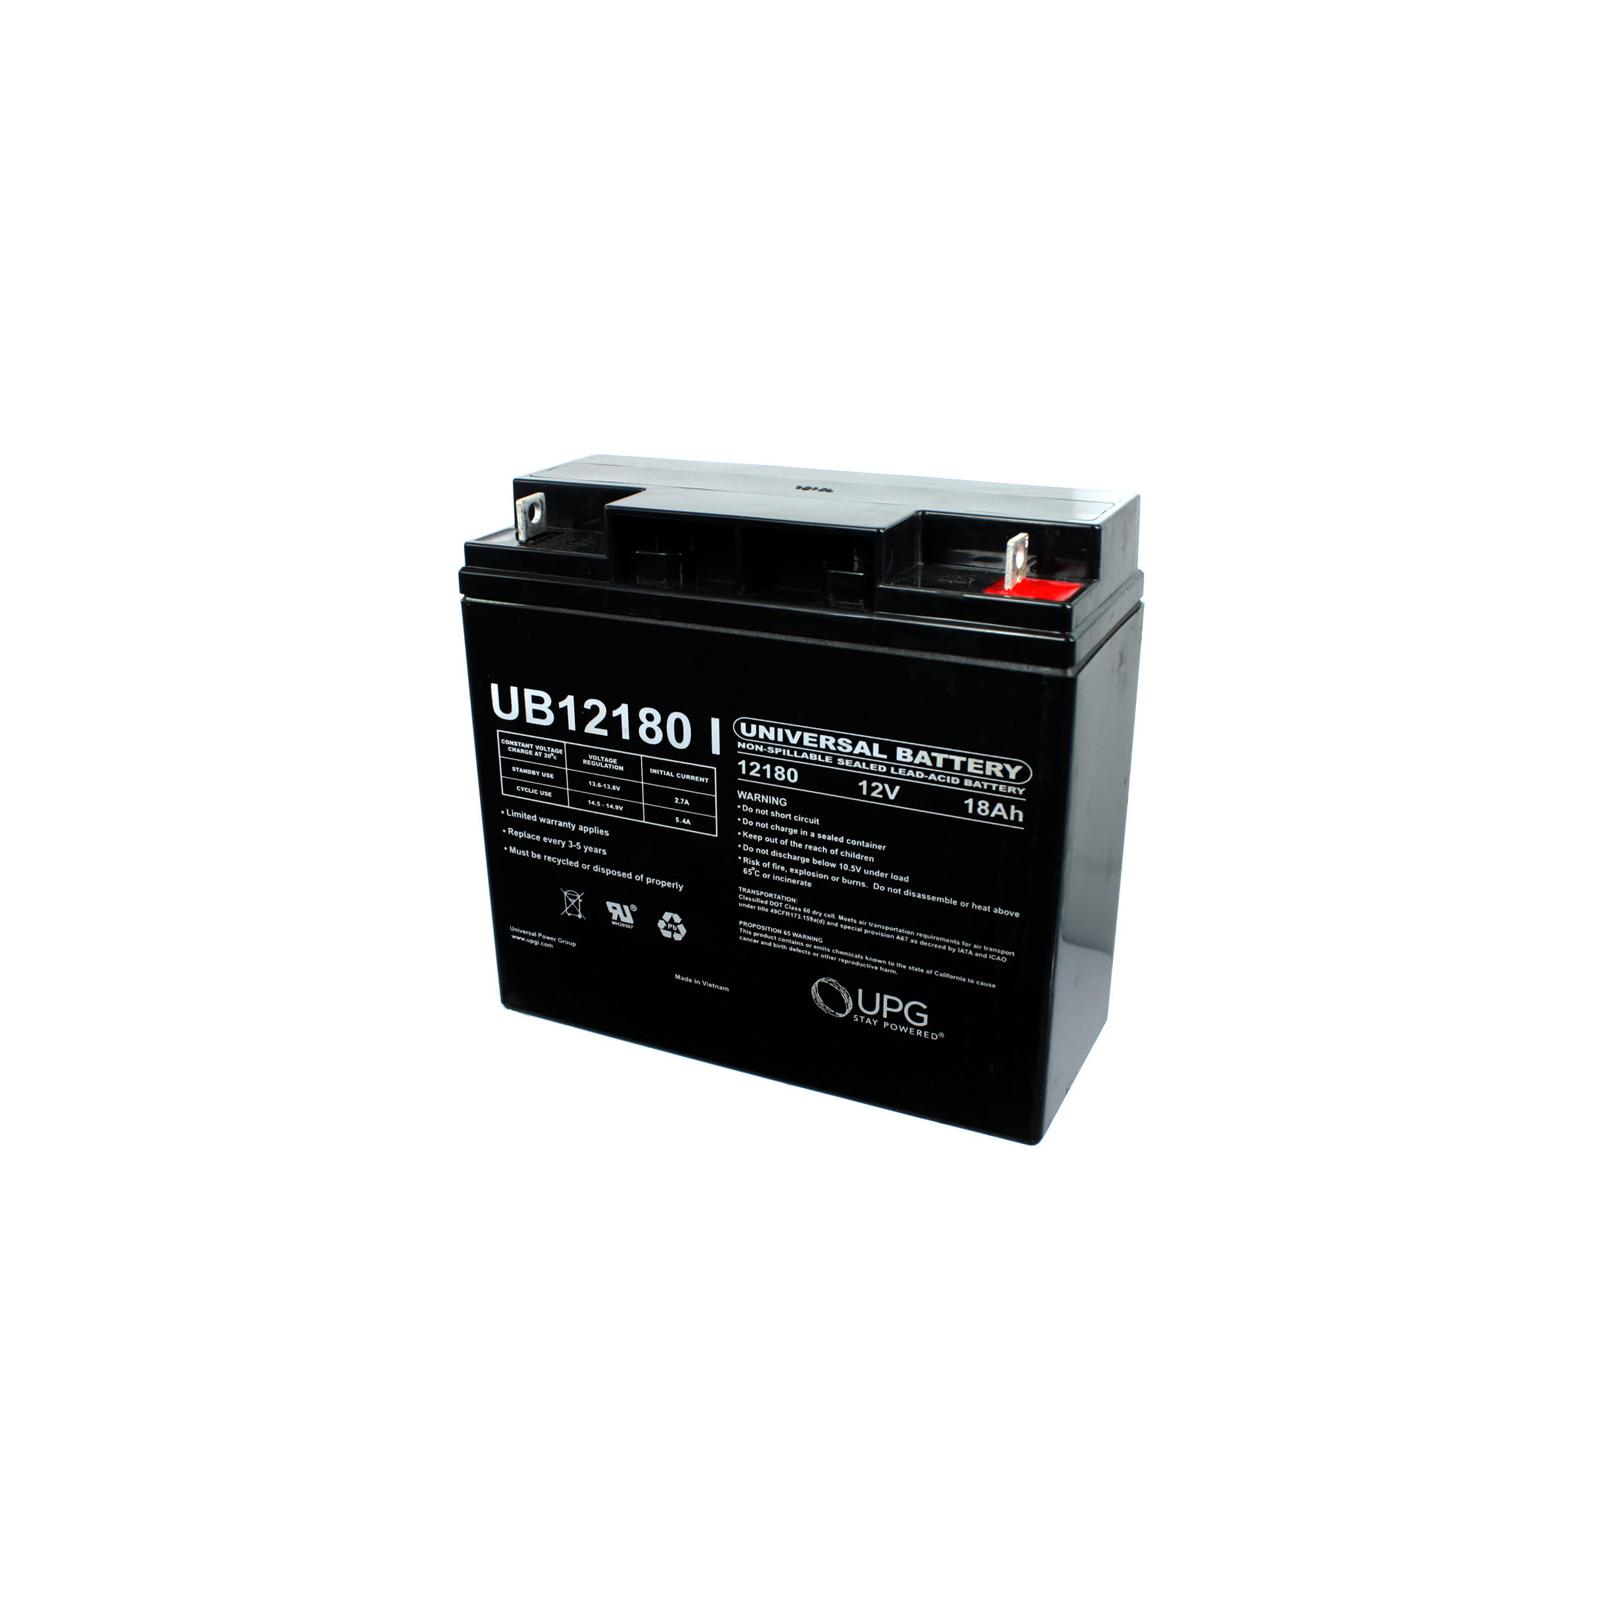 Sealed Lead Acid Battery on 12v 18ah Sla Sealed Lead Acid Battery Universal Ub12180   Ebay